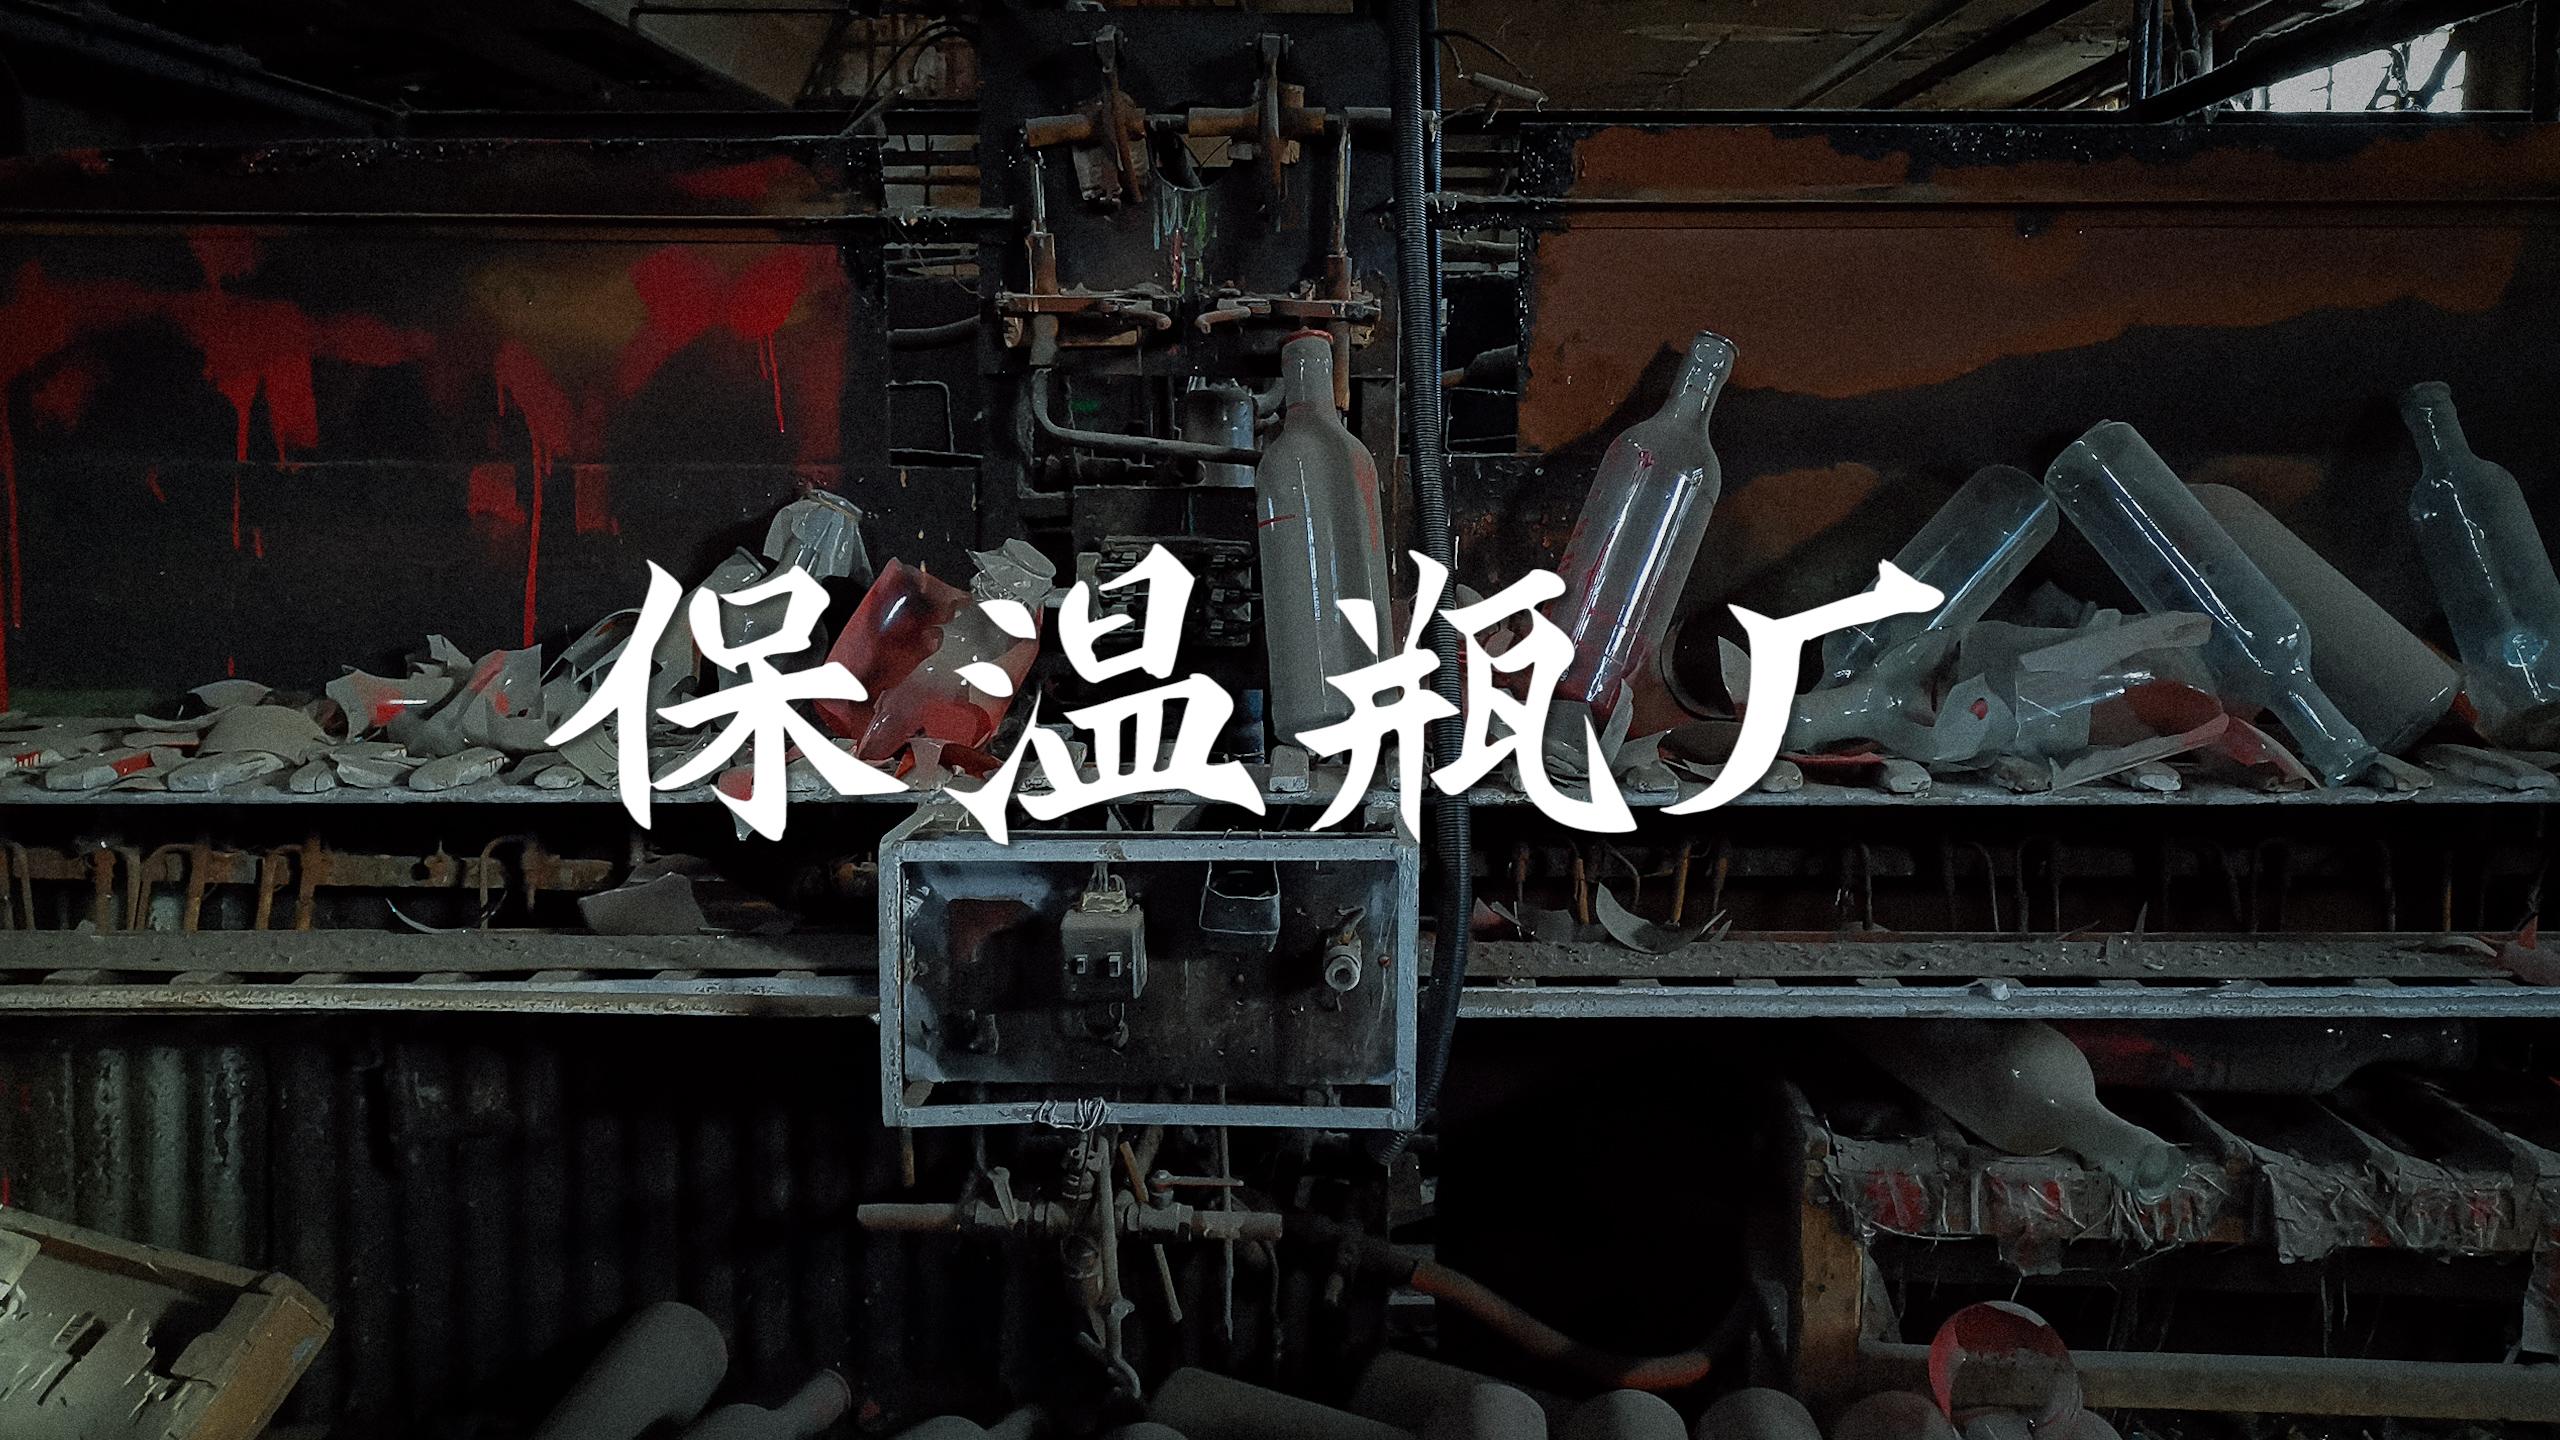 保温瓶厂-封面图-有字